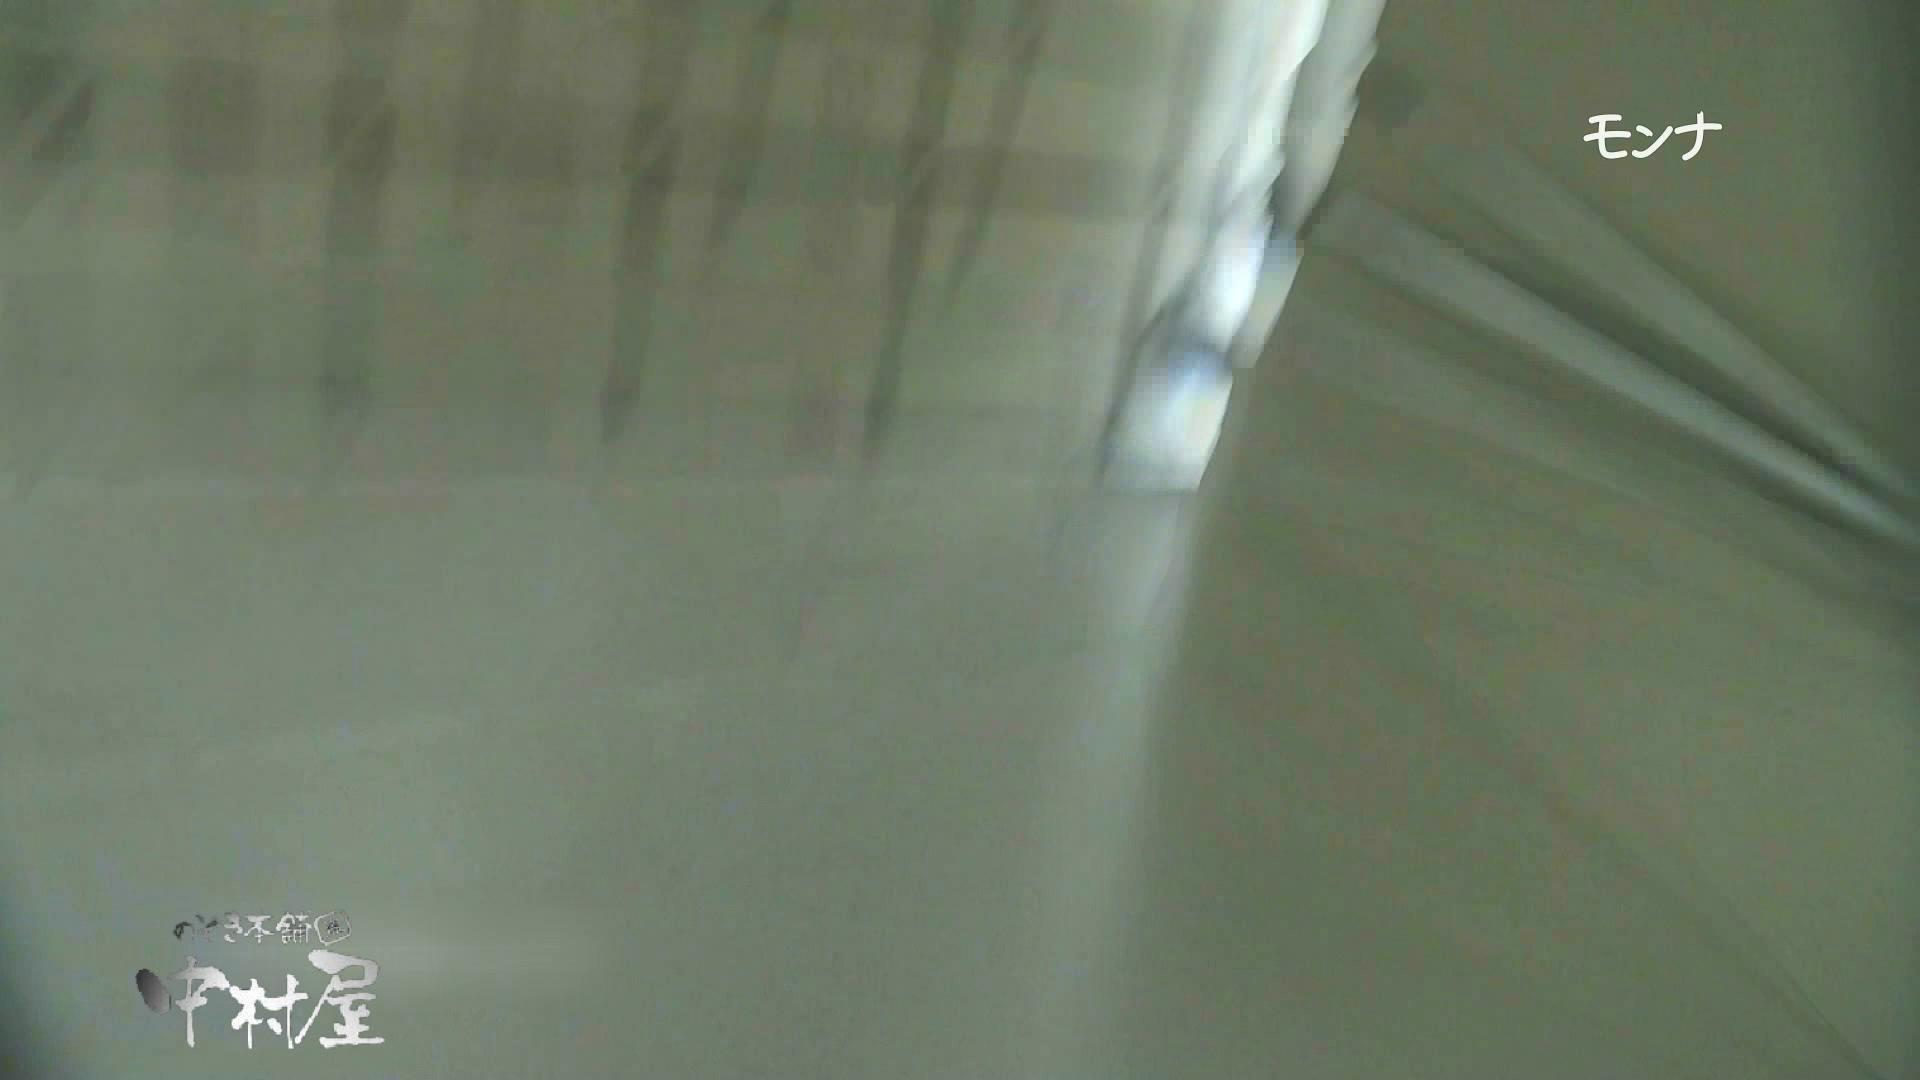 【美しい日本の未来】遂に!!戸田恵梨香似の予告モデル登場ダッシュで「大」前編 モデルのエロ生活  31連発 12